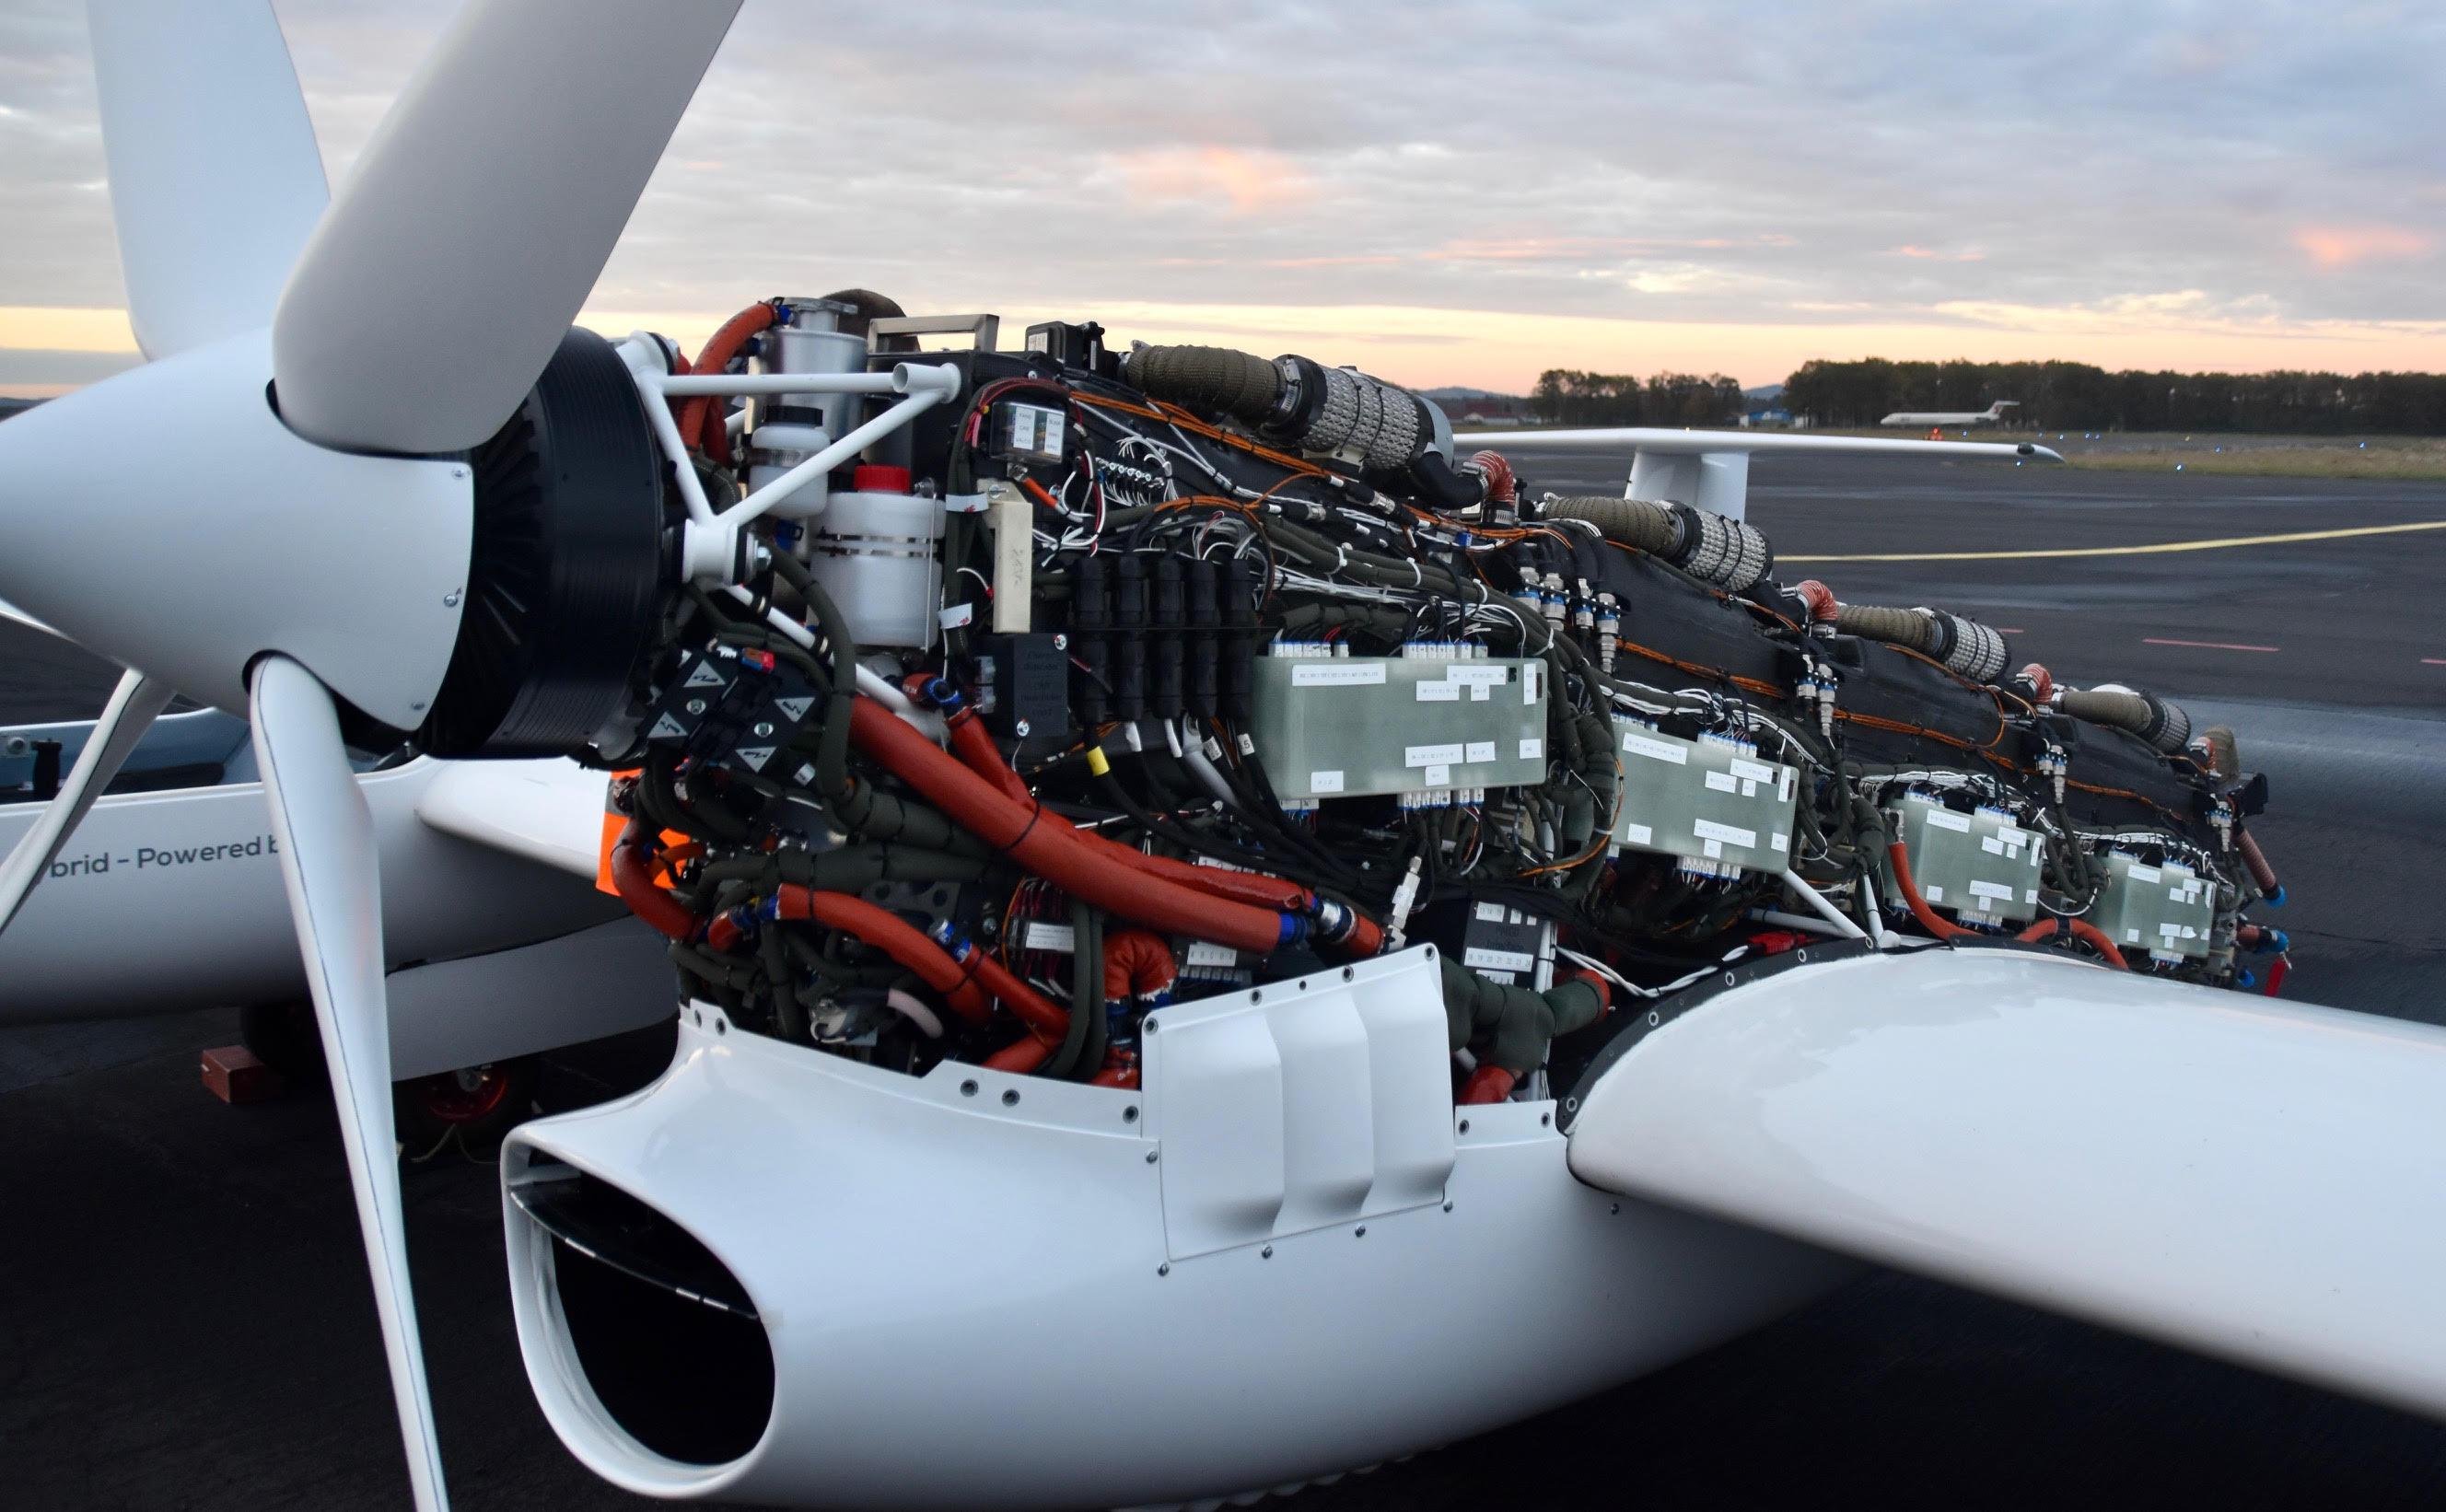 HY4 65kw system - zeroavia story